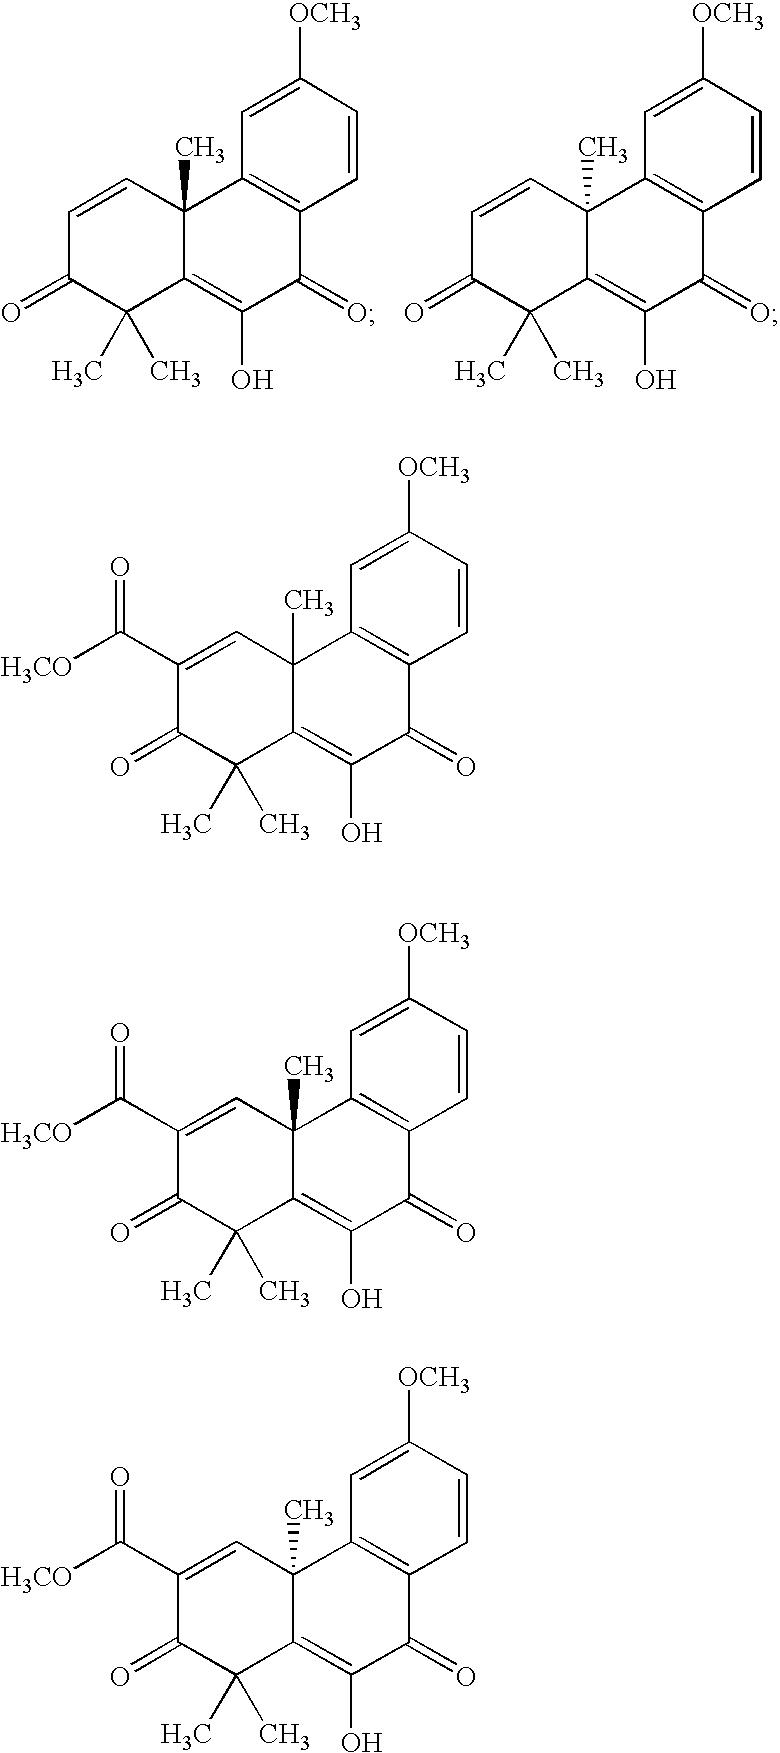 Figure US07217844-20070515-C00033